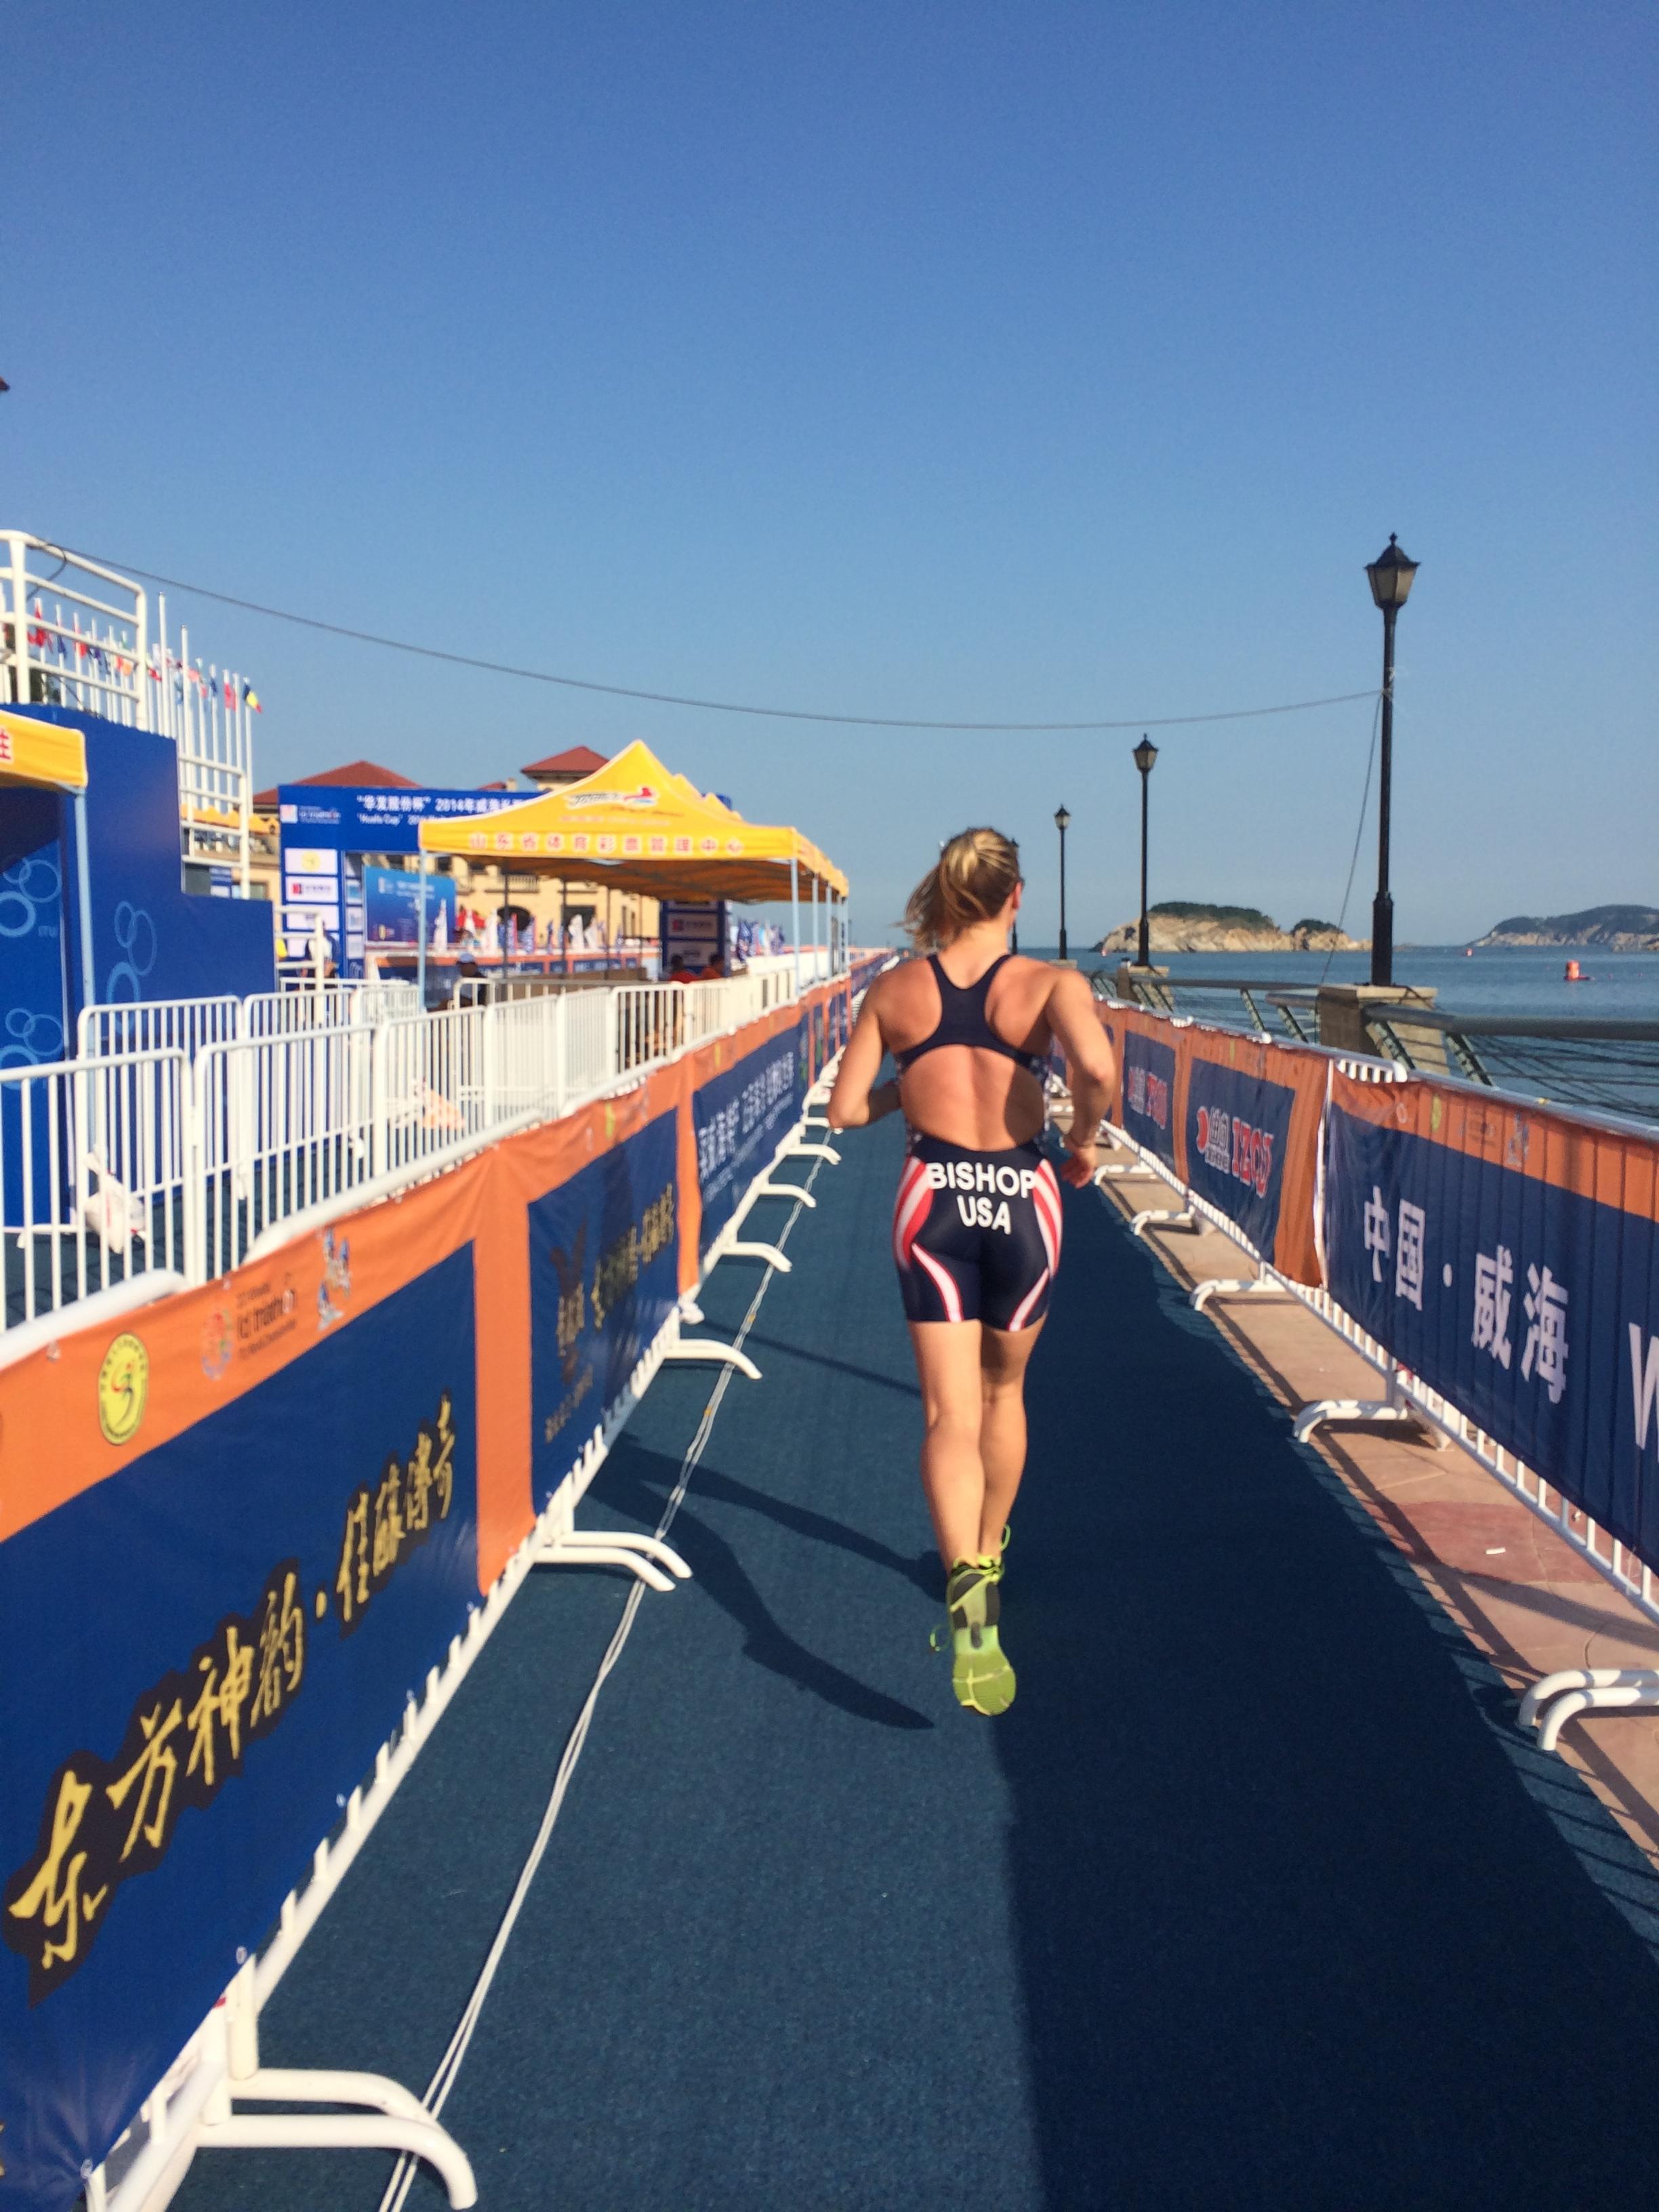 Triathlon - Worlds Team USA Run.JPG